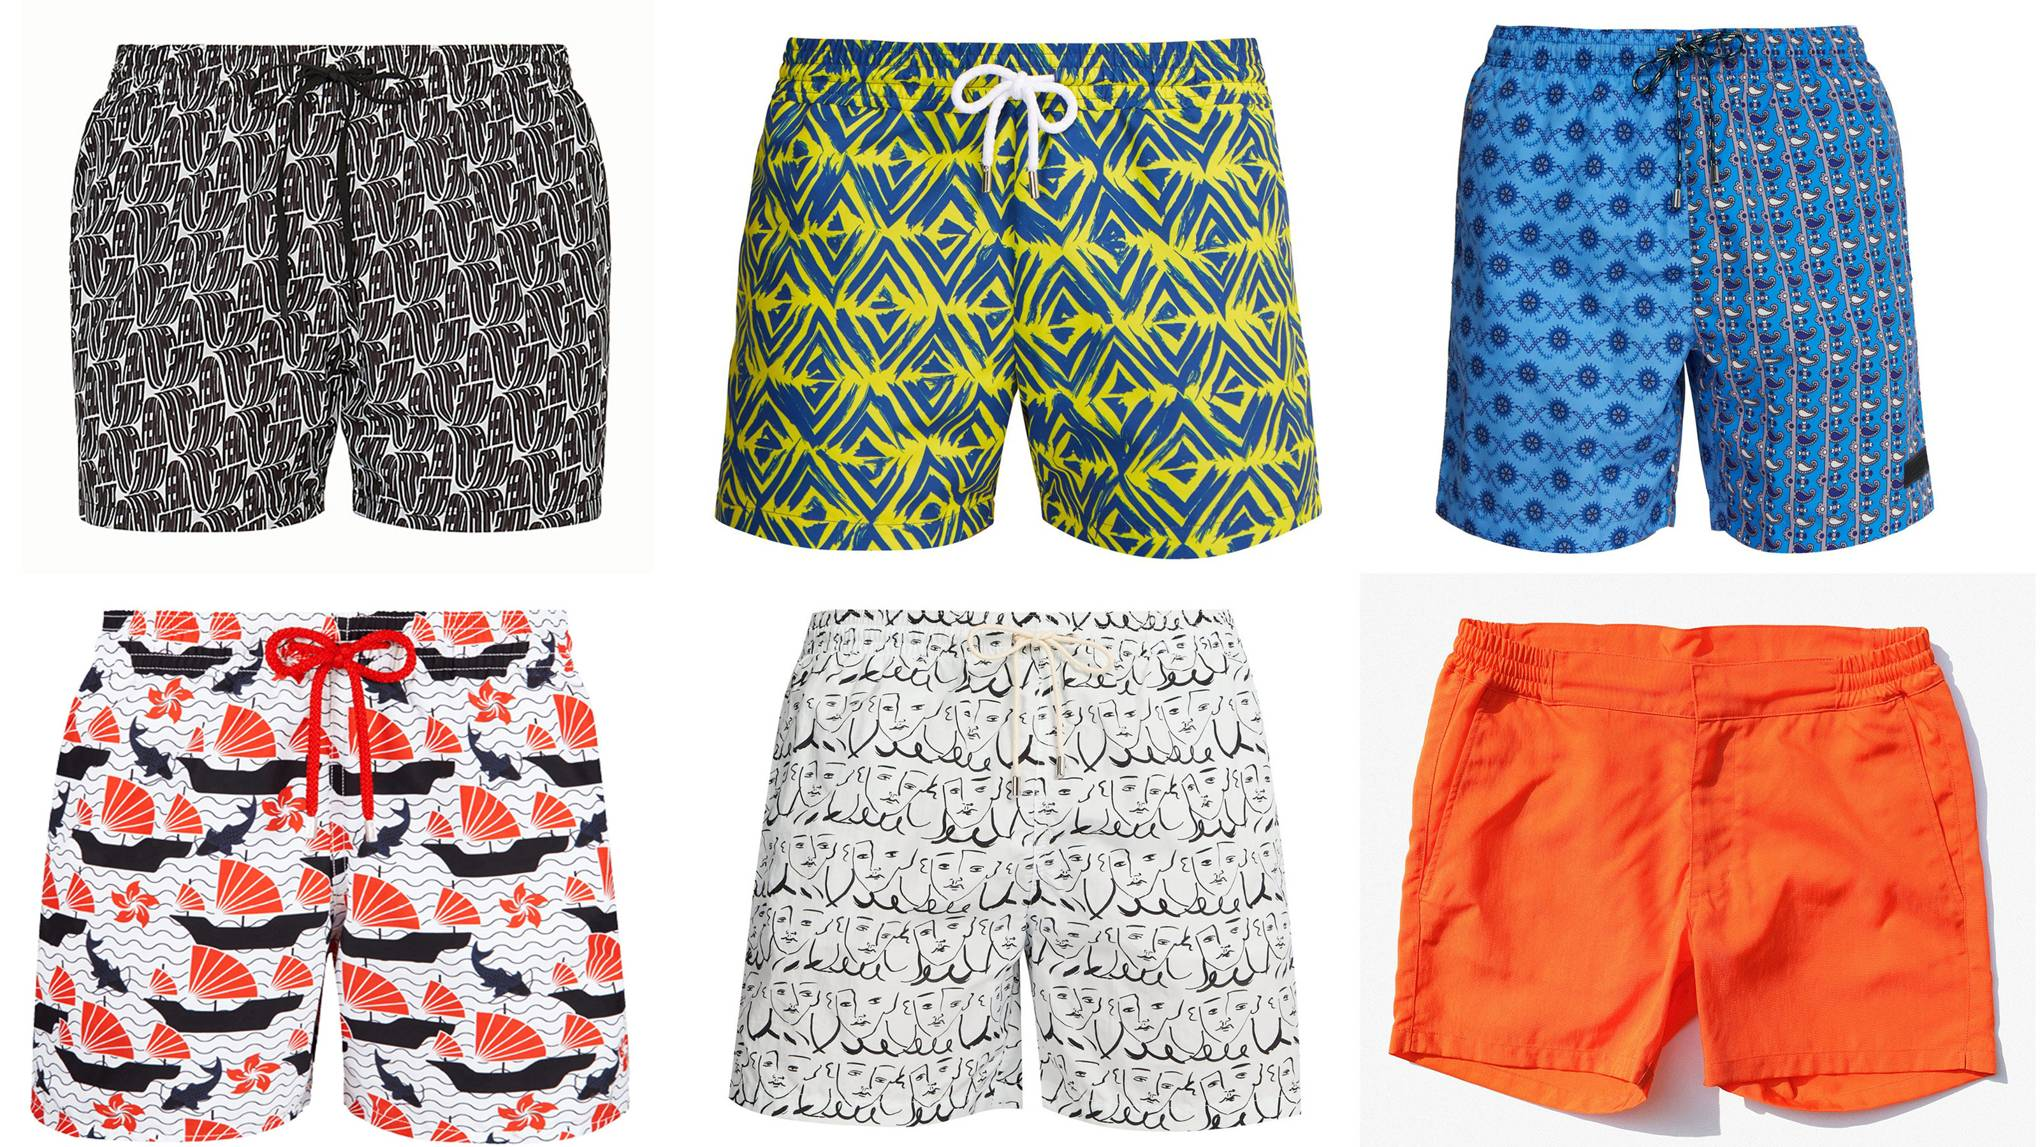 The best swimming trunks for summer 2019